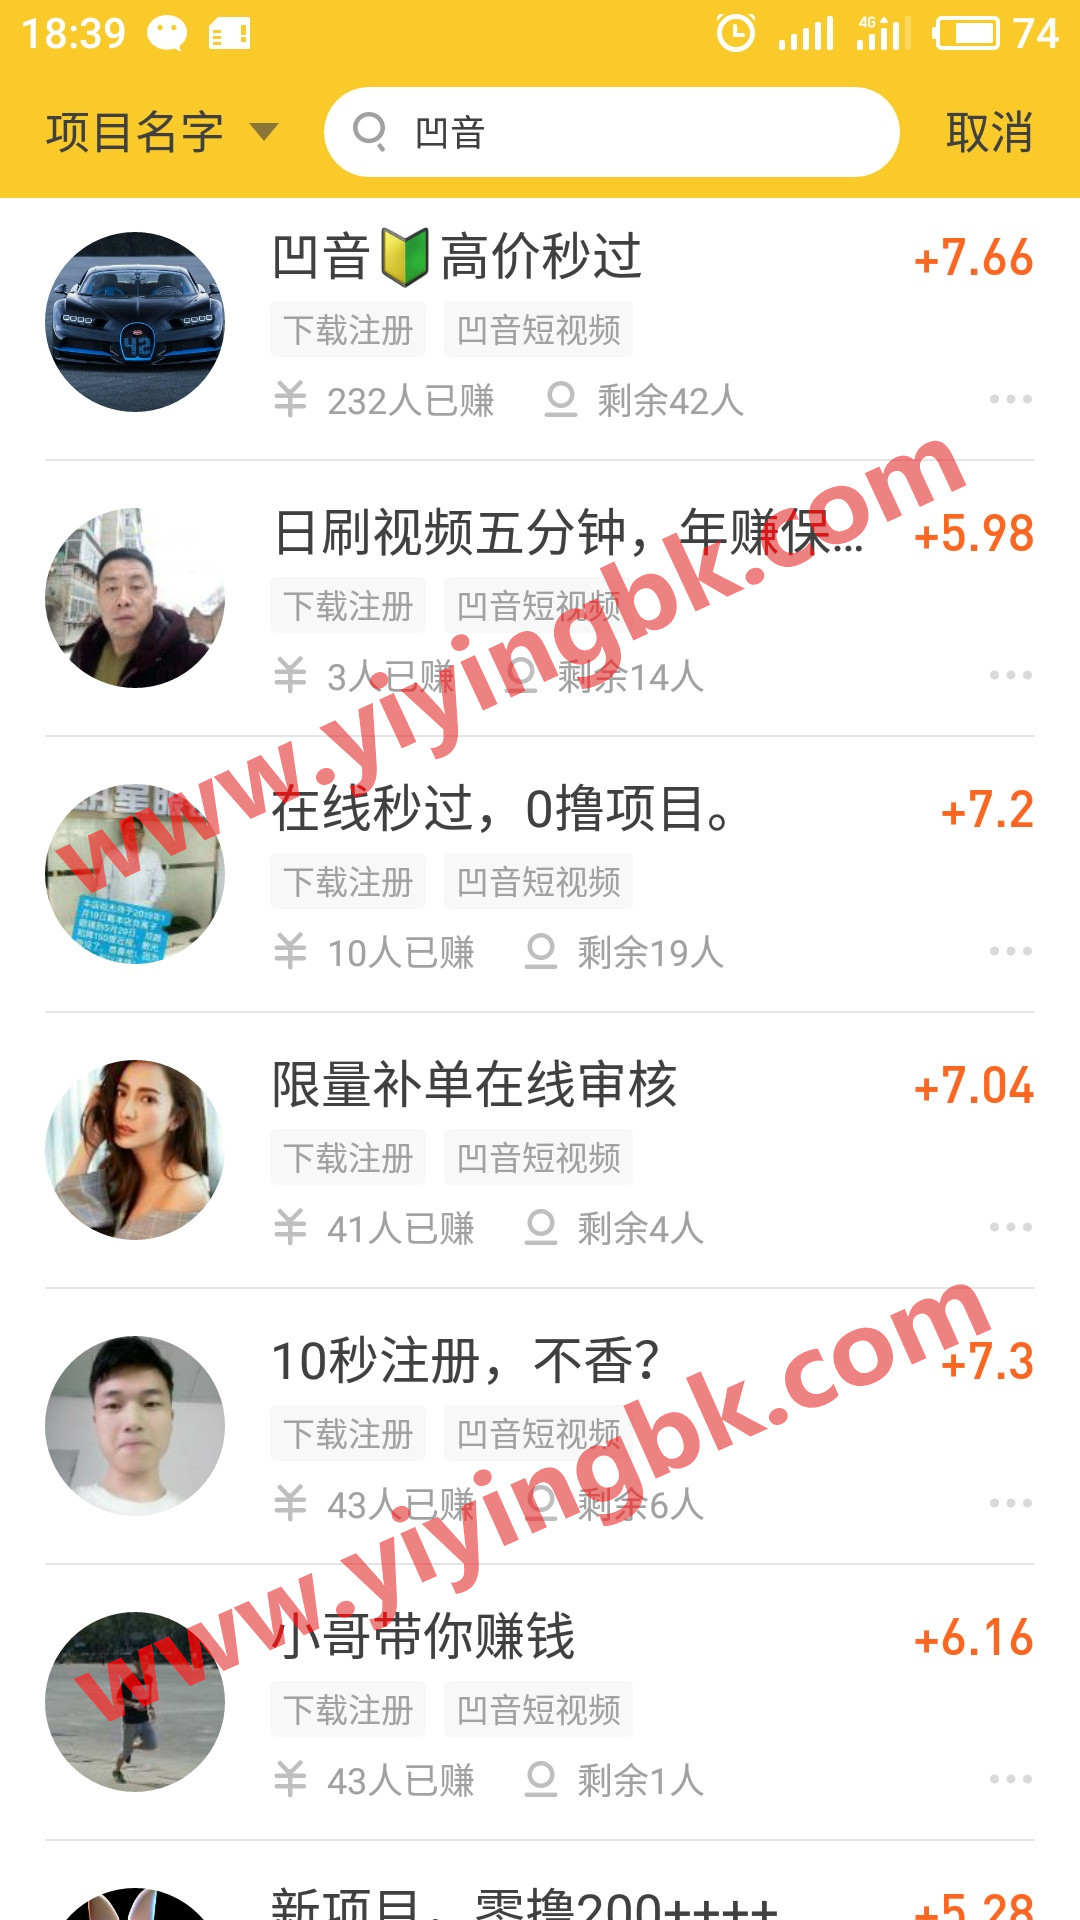 凹音短视频免费领红包,微信和支付宝提现秒到账。www.yiyingbk.com